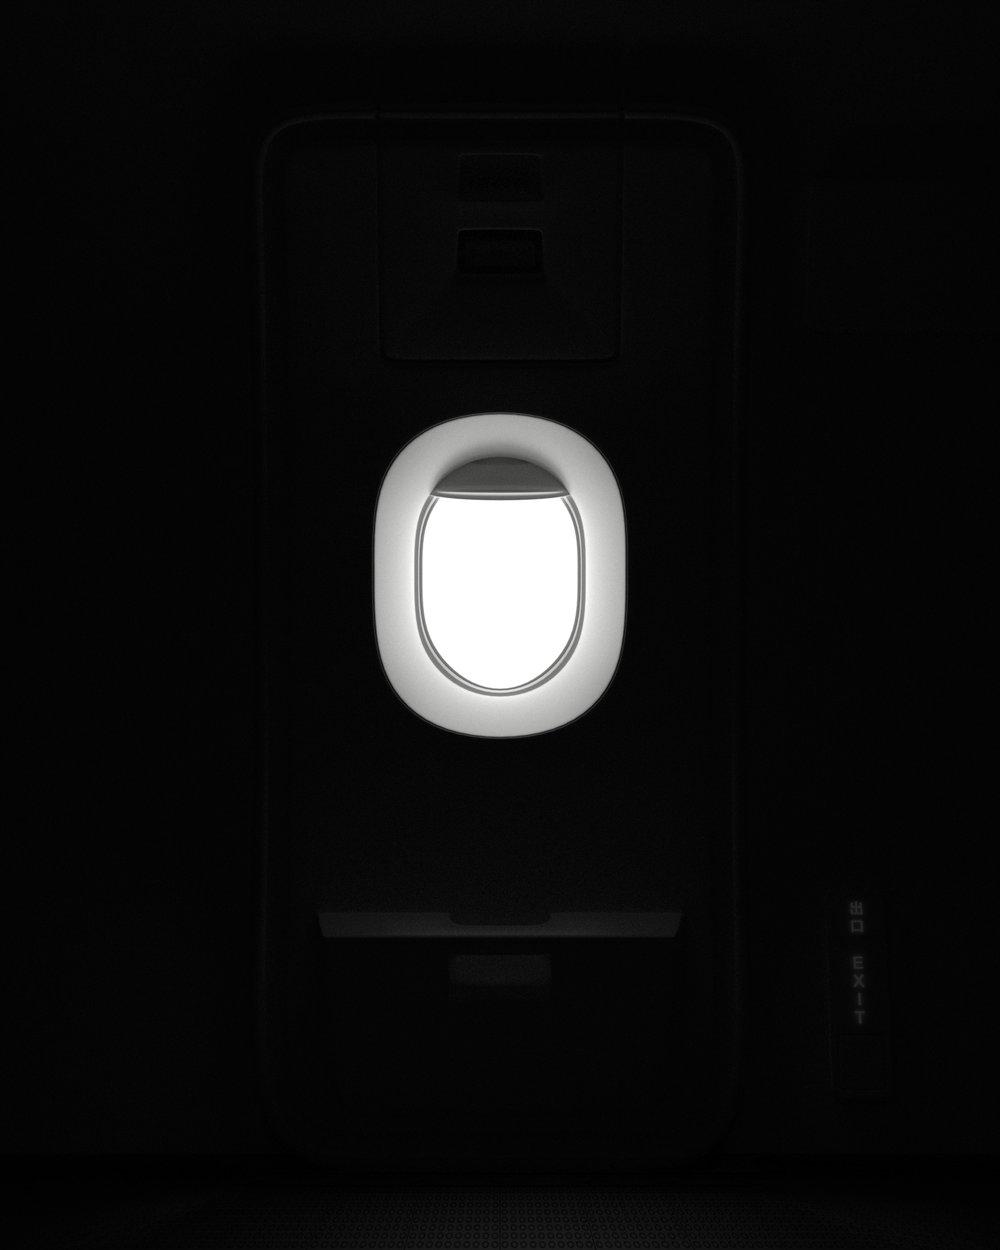 机窗4小.jpg